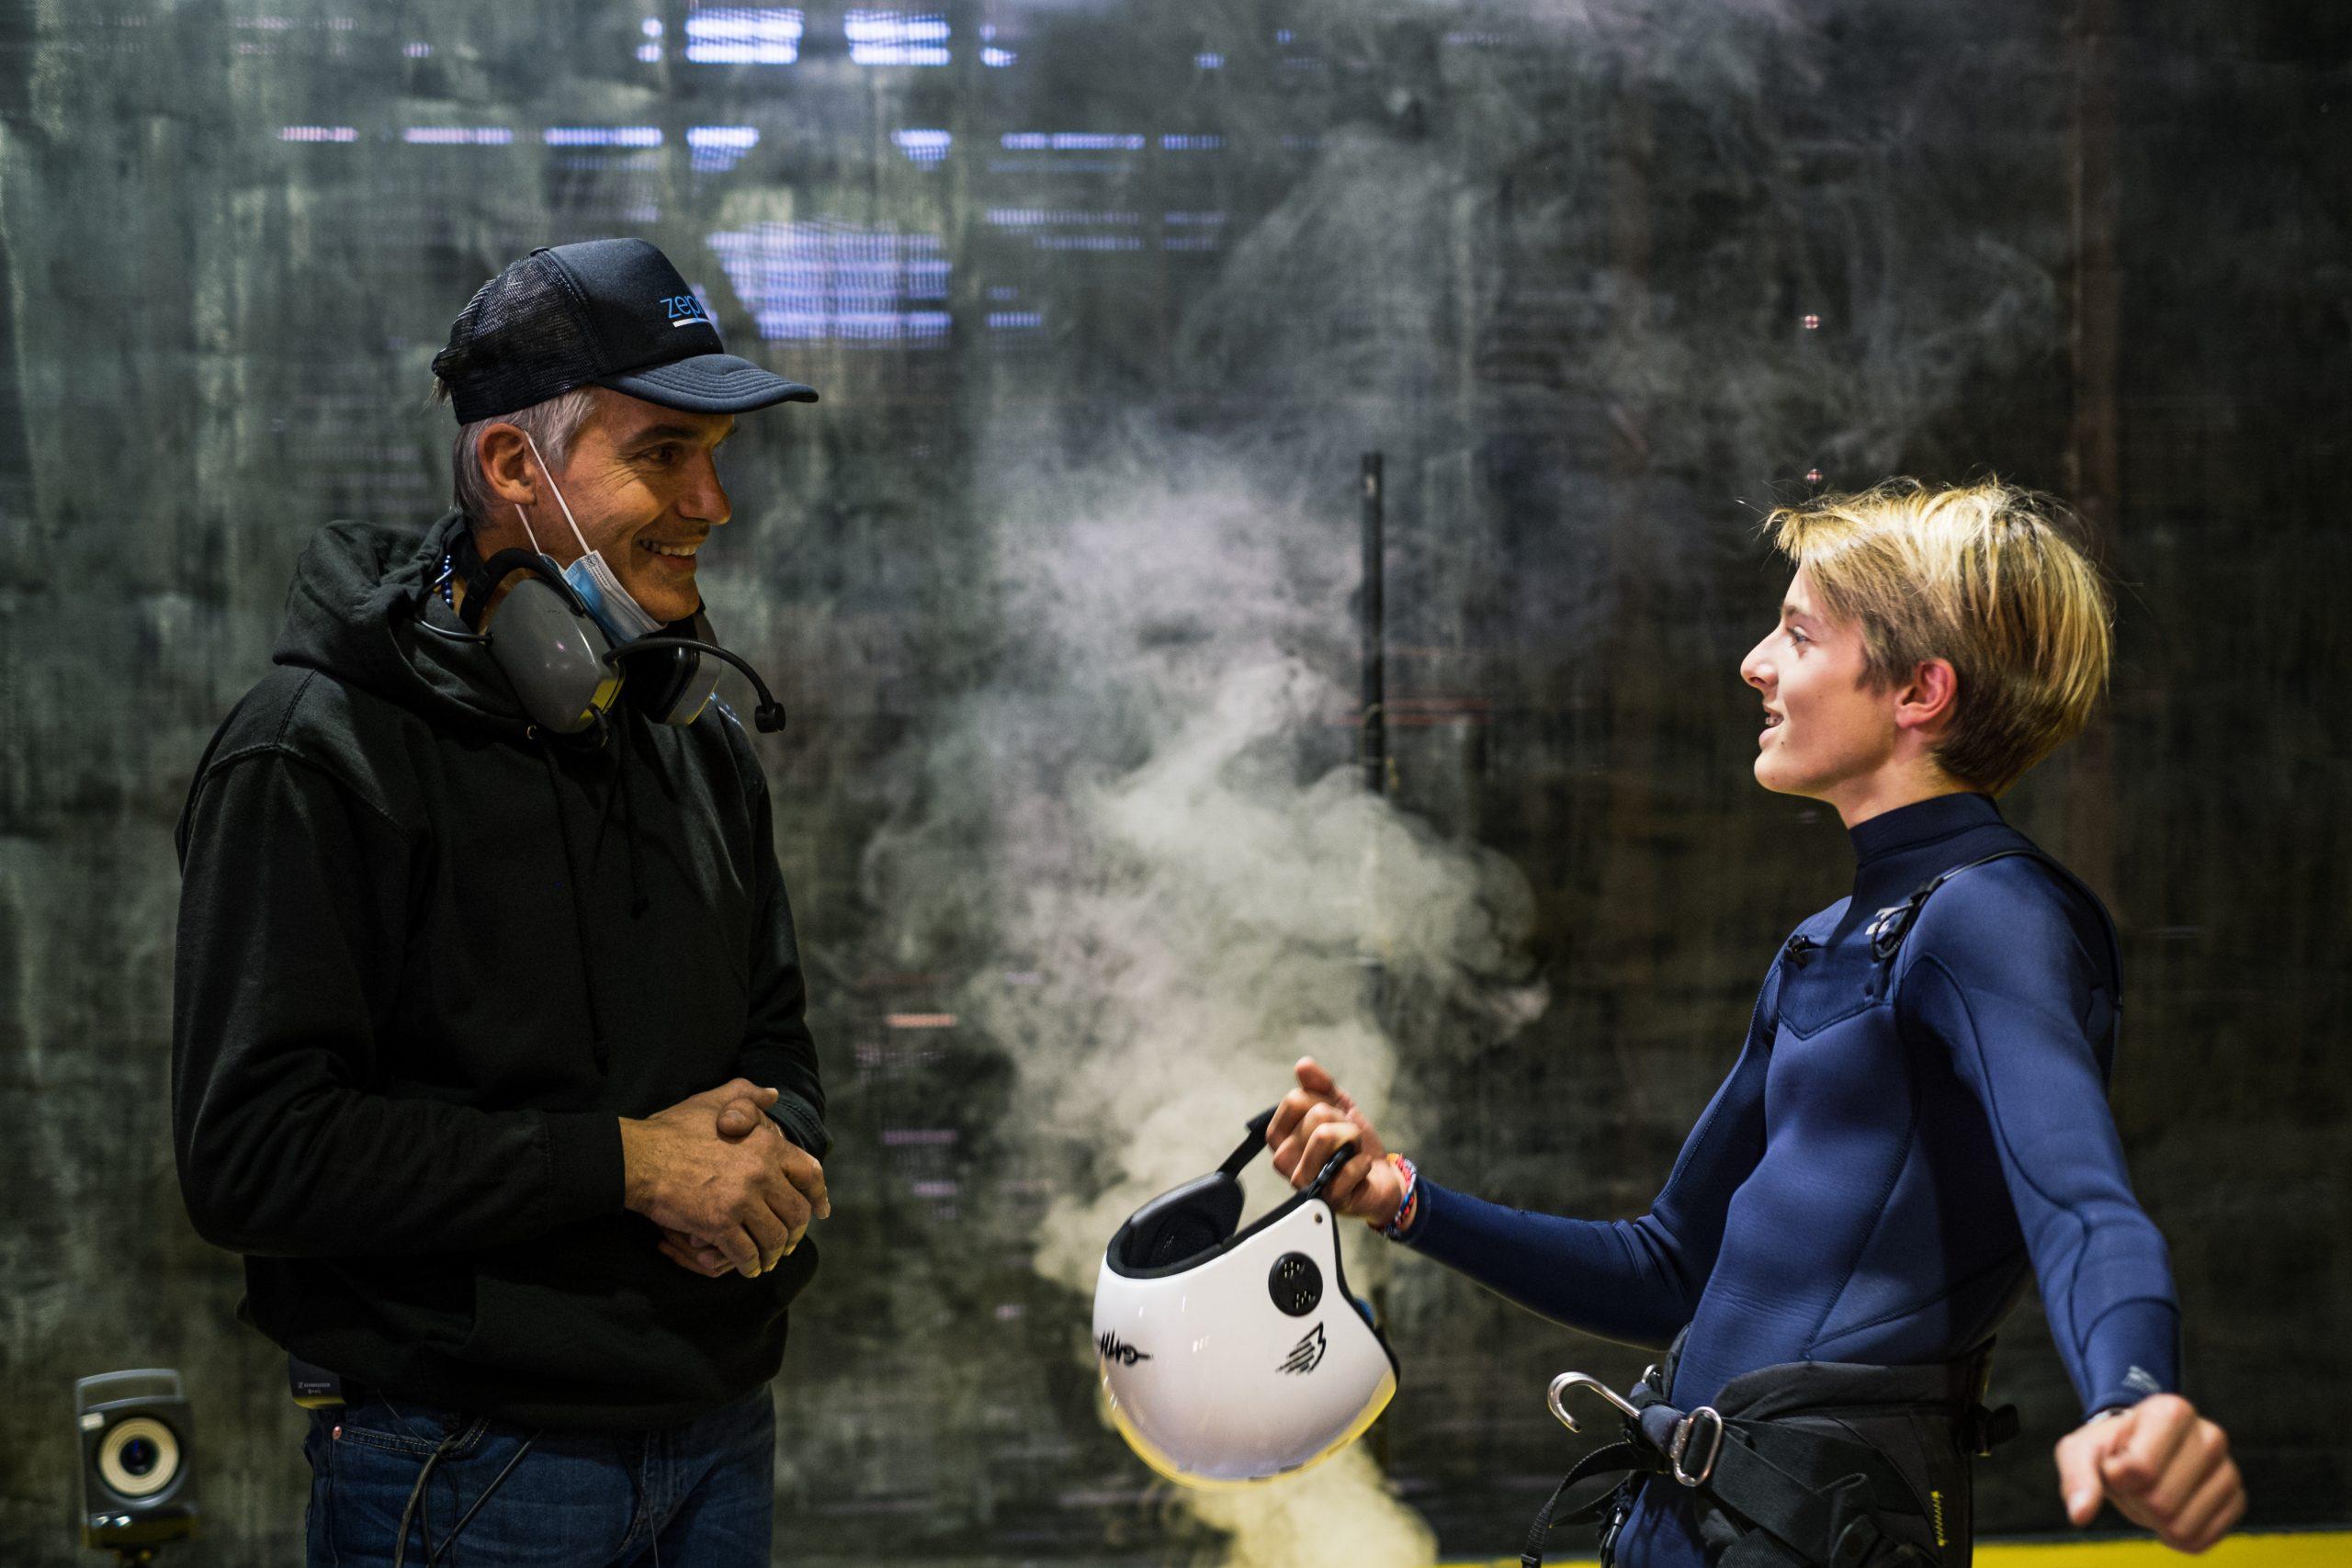 Projet Zephir Marc Amerigo et le jeune Pierre Schmitz discutent de leur dernier essai dans la fumée